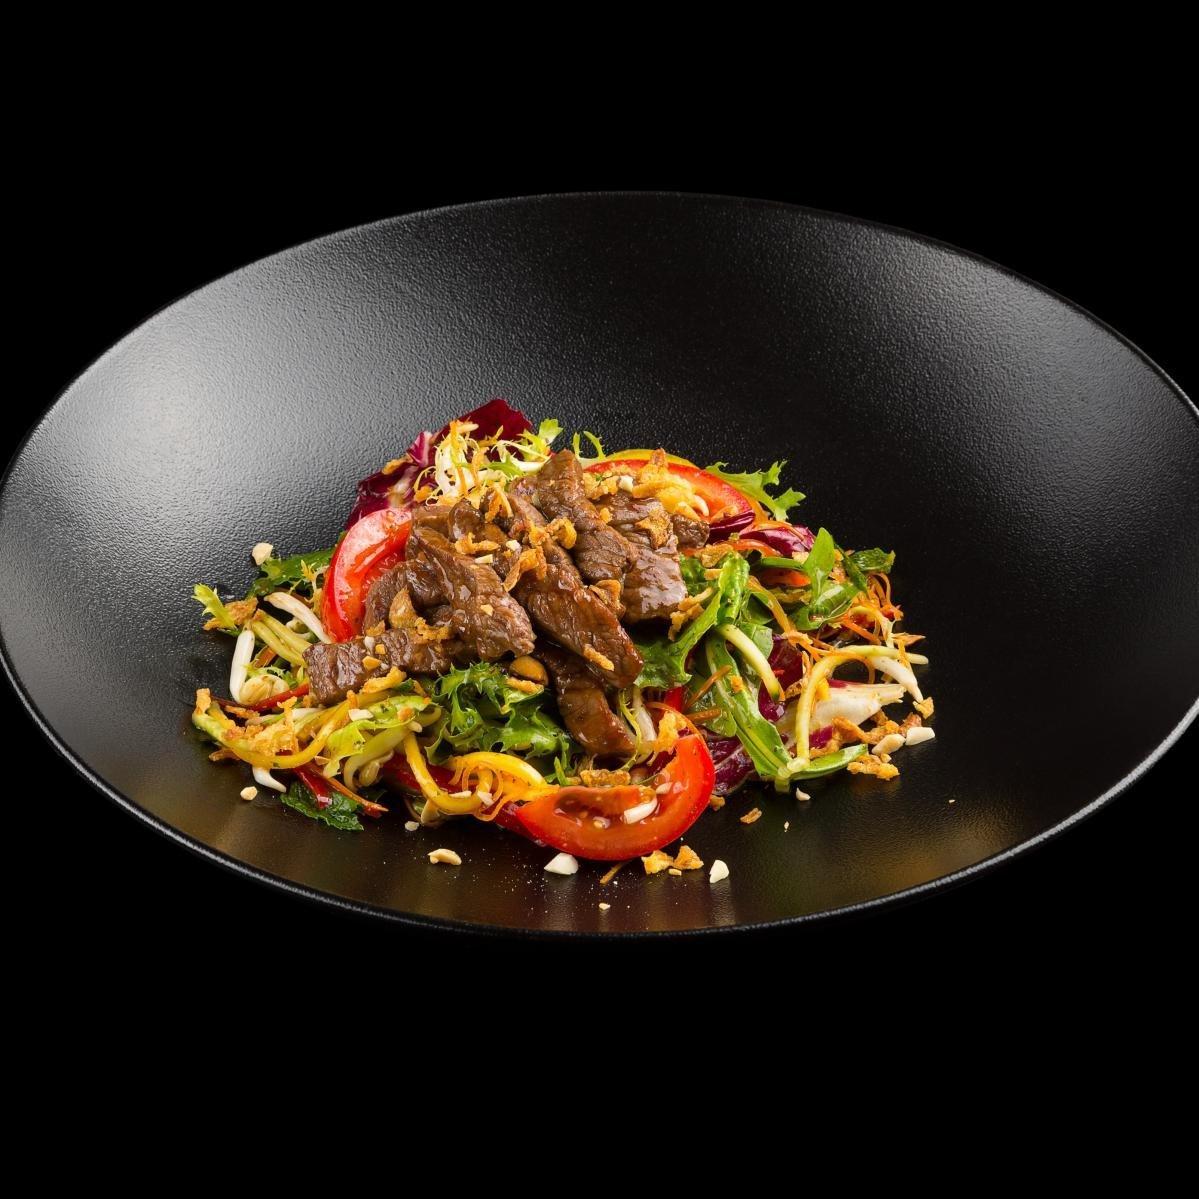 Мясо с лапшой и овощами, приготовленное в казане на костре